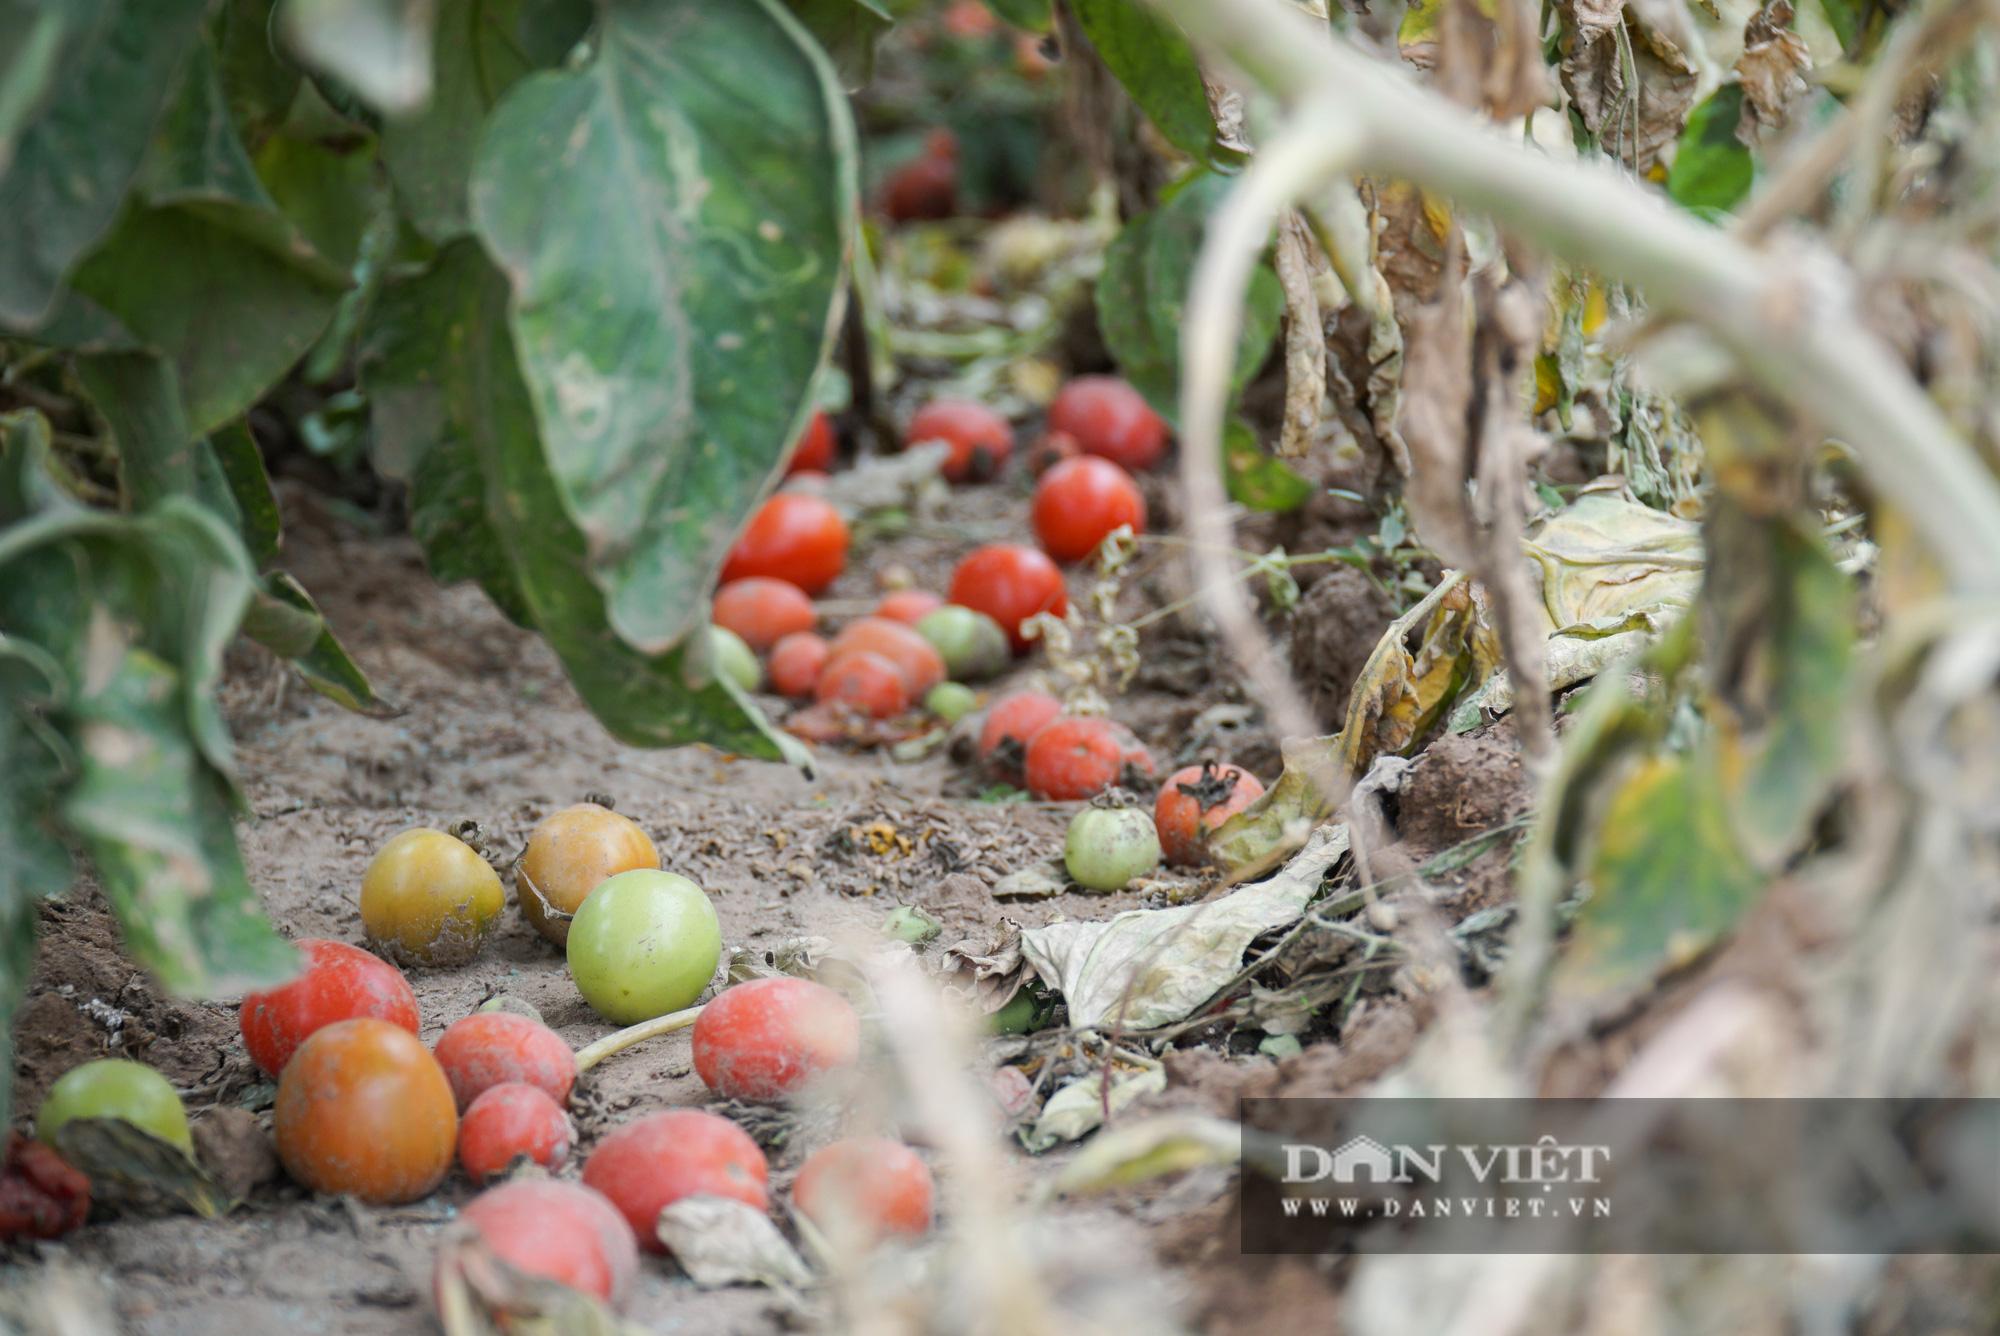 Củ cải thối phơi trắng cánh đồng, cà chua đỏ ửng không ai thu hoạch  - Ảnh 13.